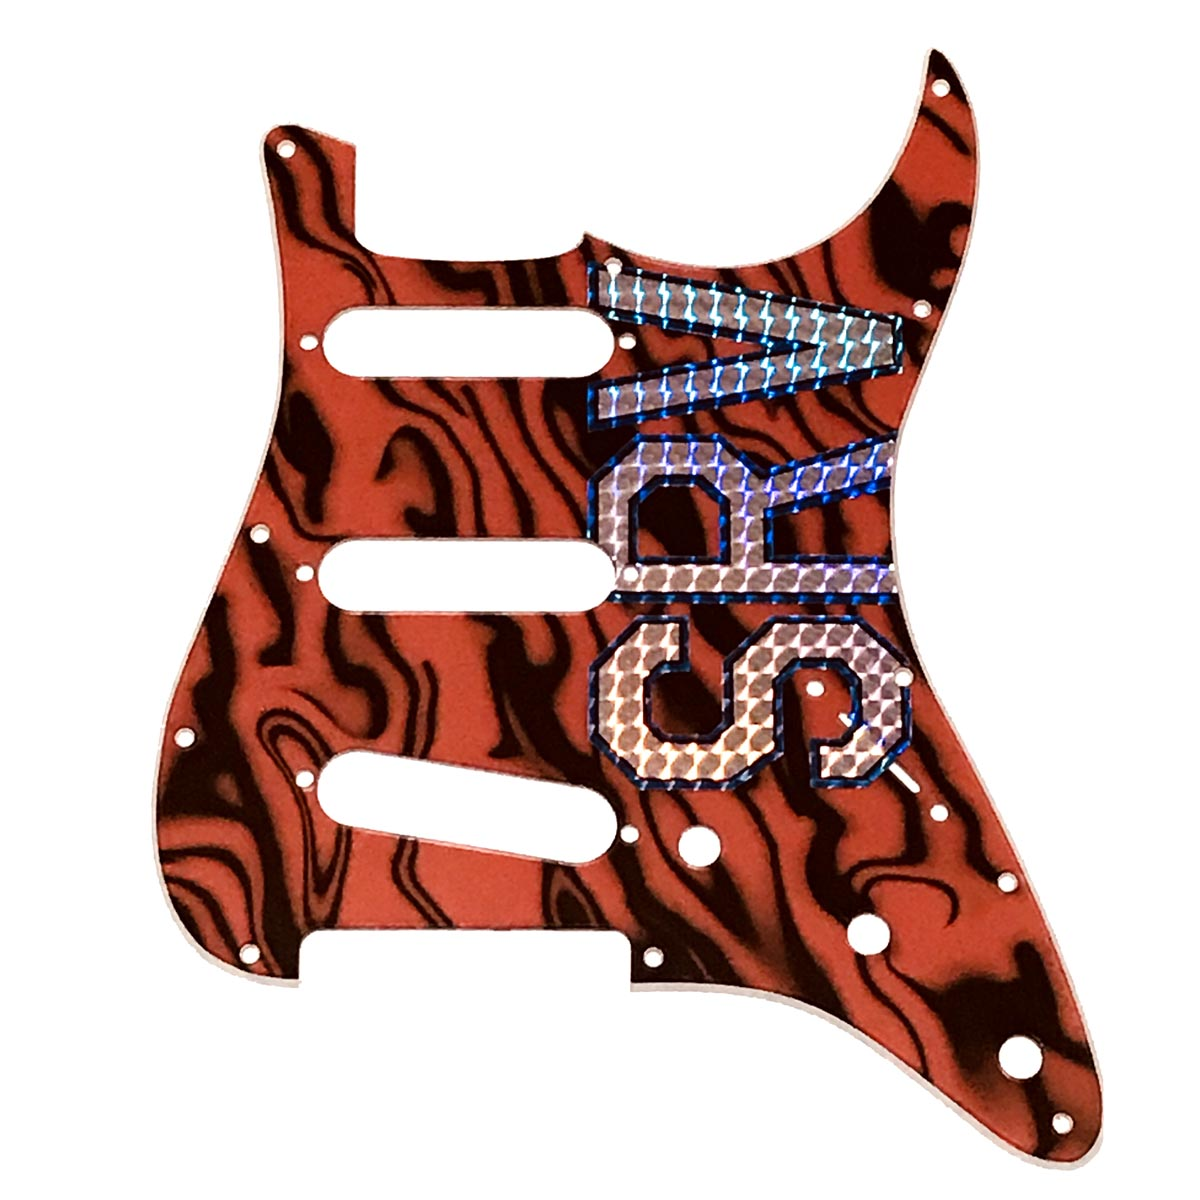 SRV Scotch Stratocaster  2-Ply Tiger Striped Pickguard